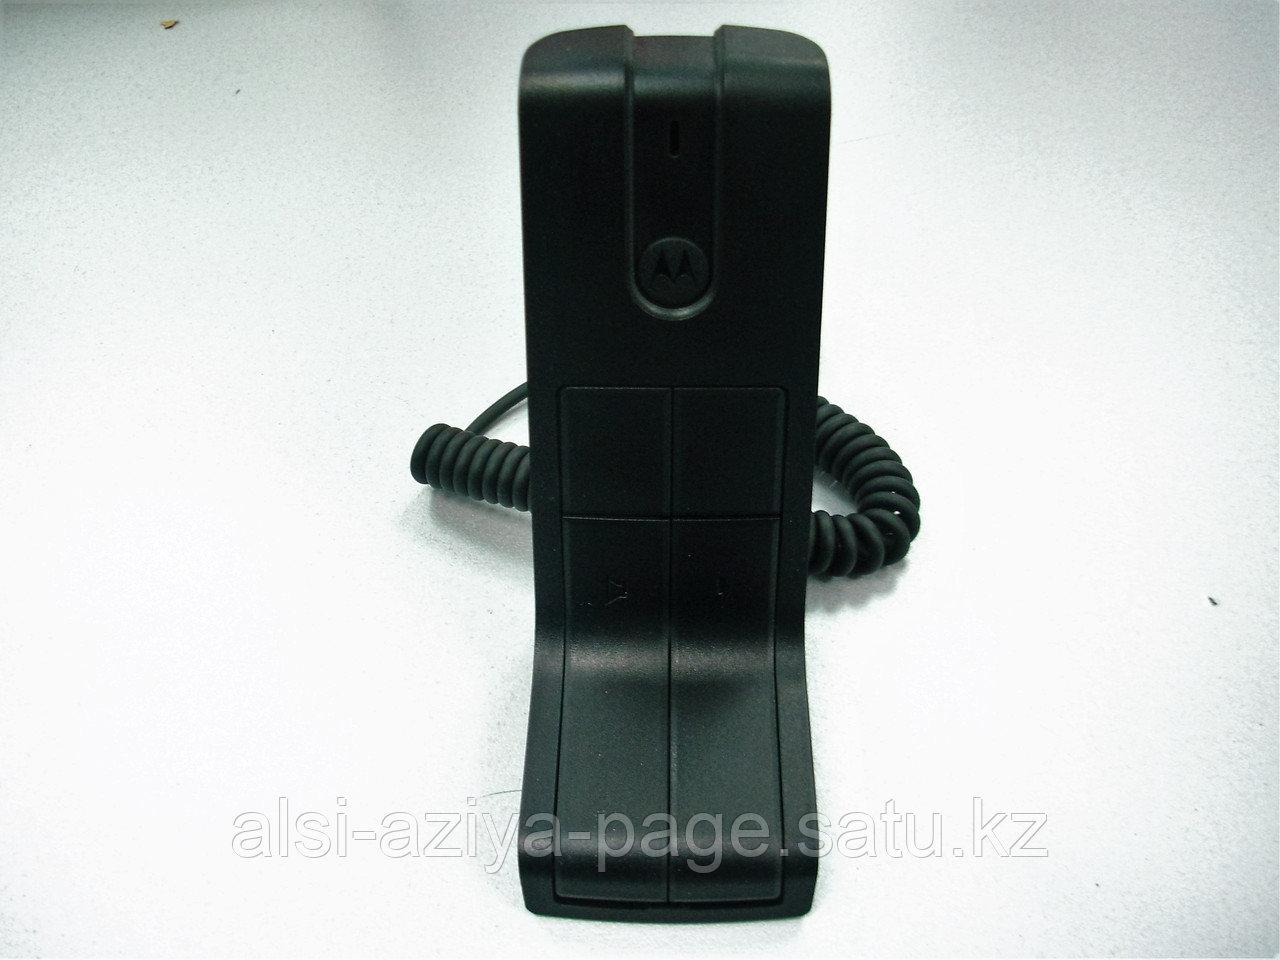 Микрофон стационарный Motorola